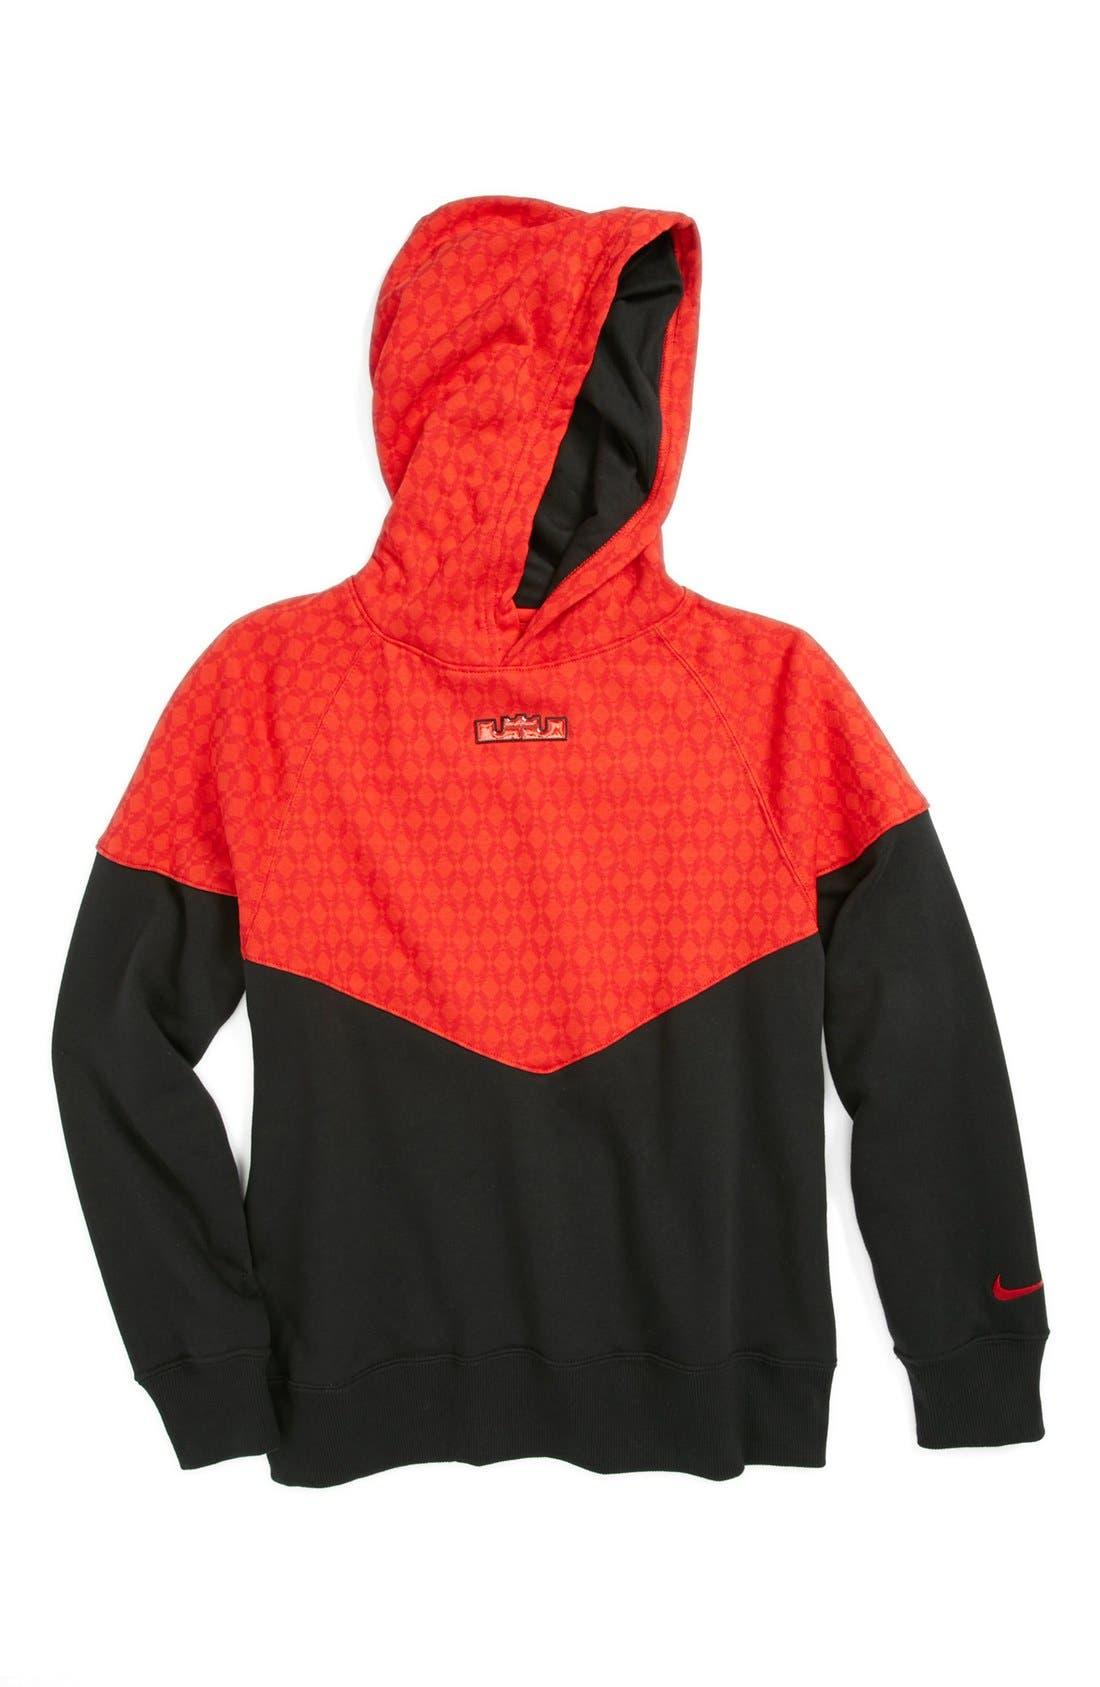 Alternate Image 1 Selected - Nike 'LeBron' Hoodie (Big Boys)